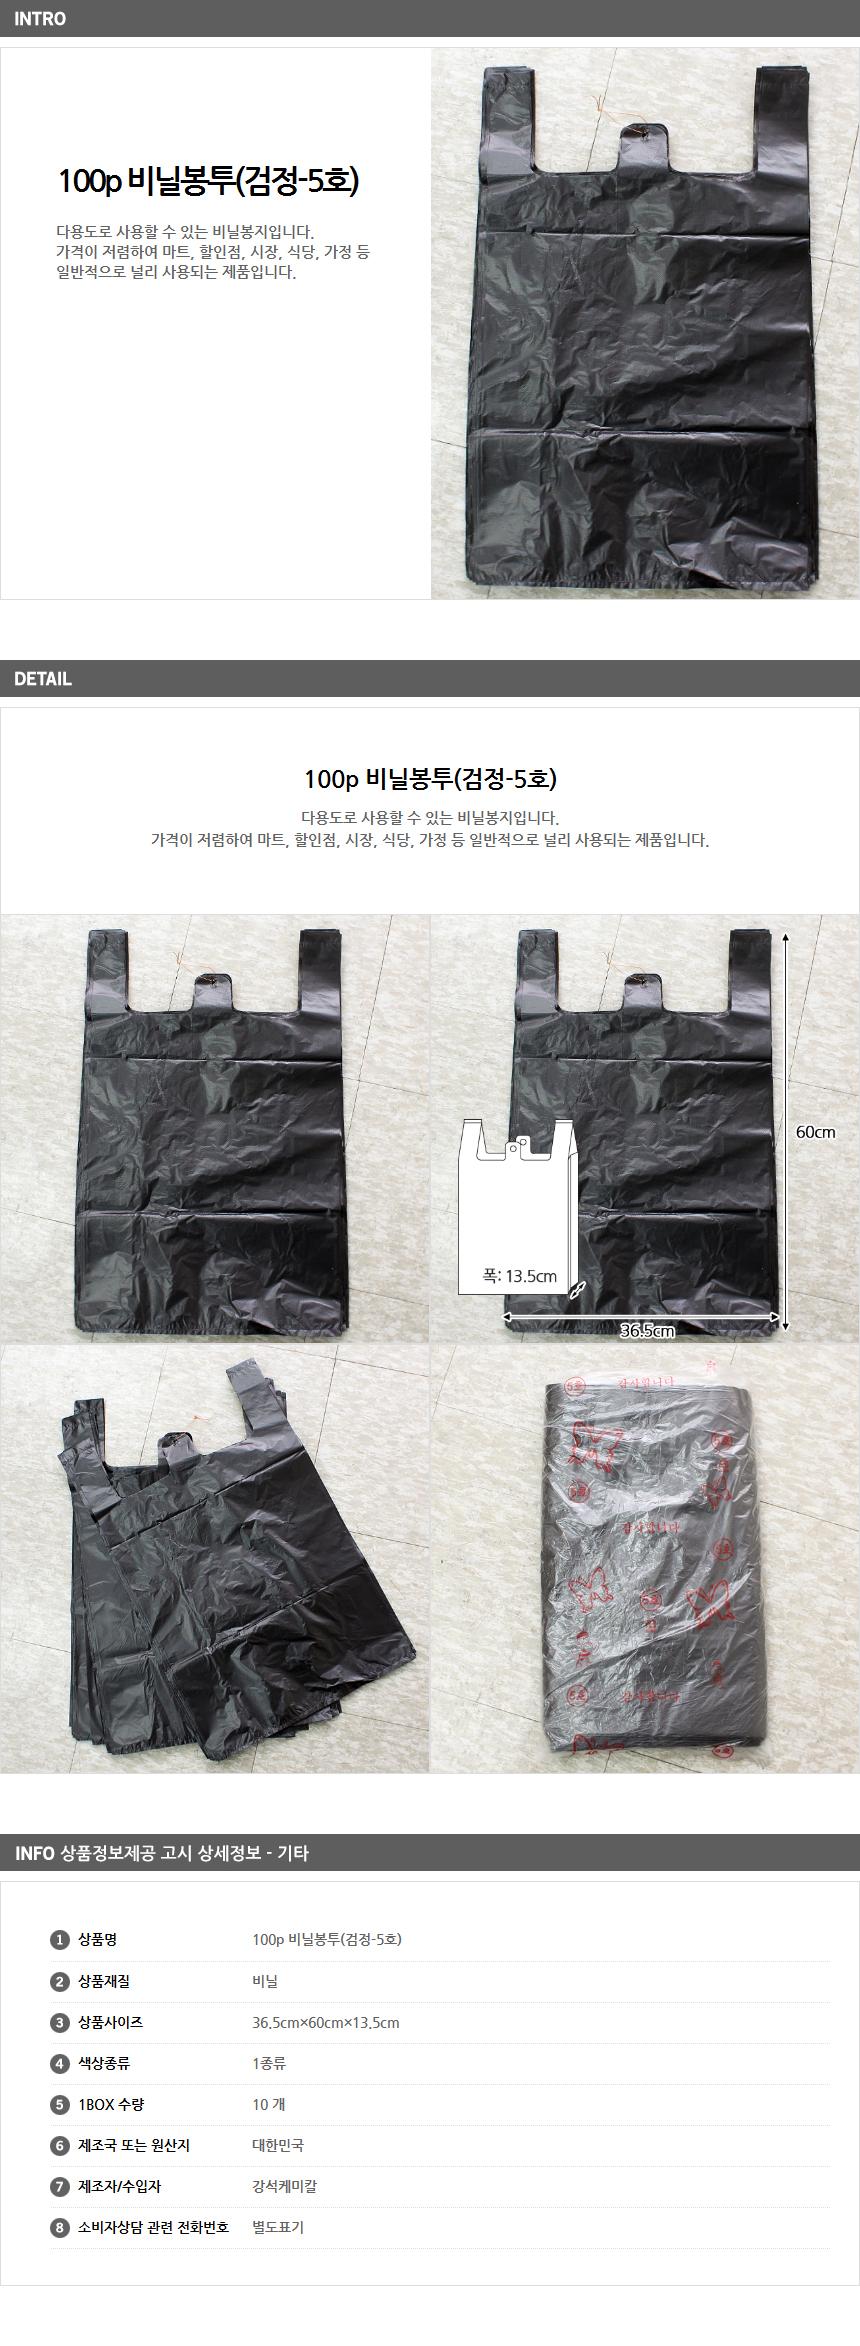 100p 비닐봉투(검정-5호) - 기프트갓, 5,510원, 비닐/폴리, 심플